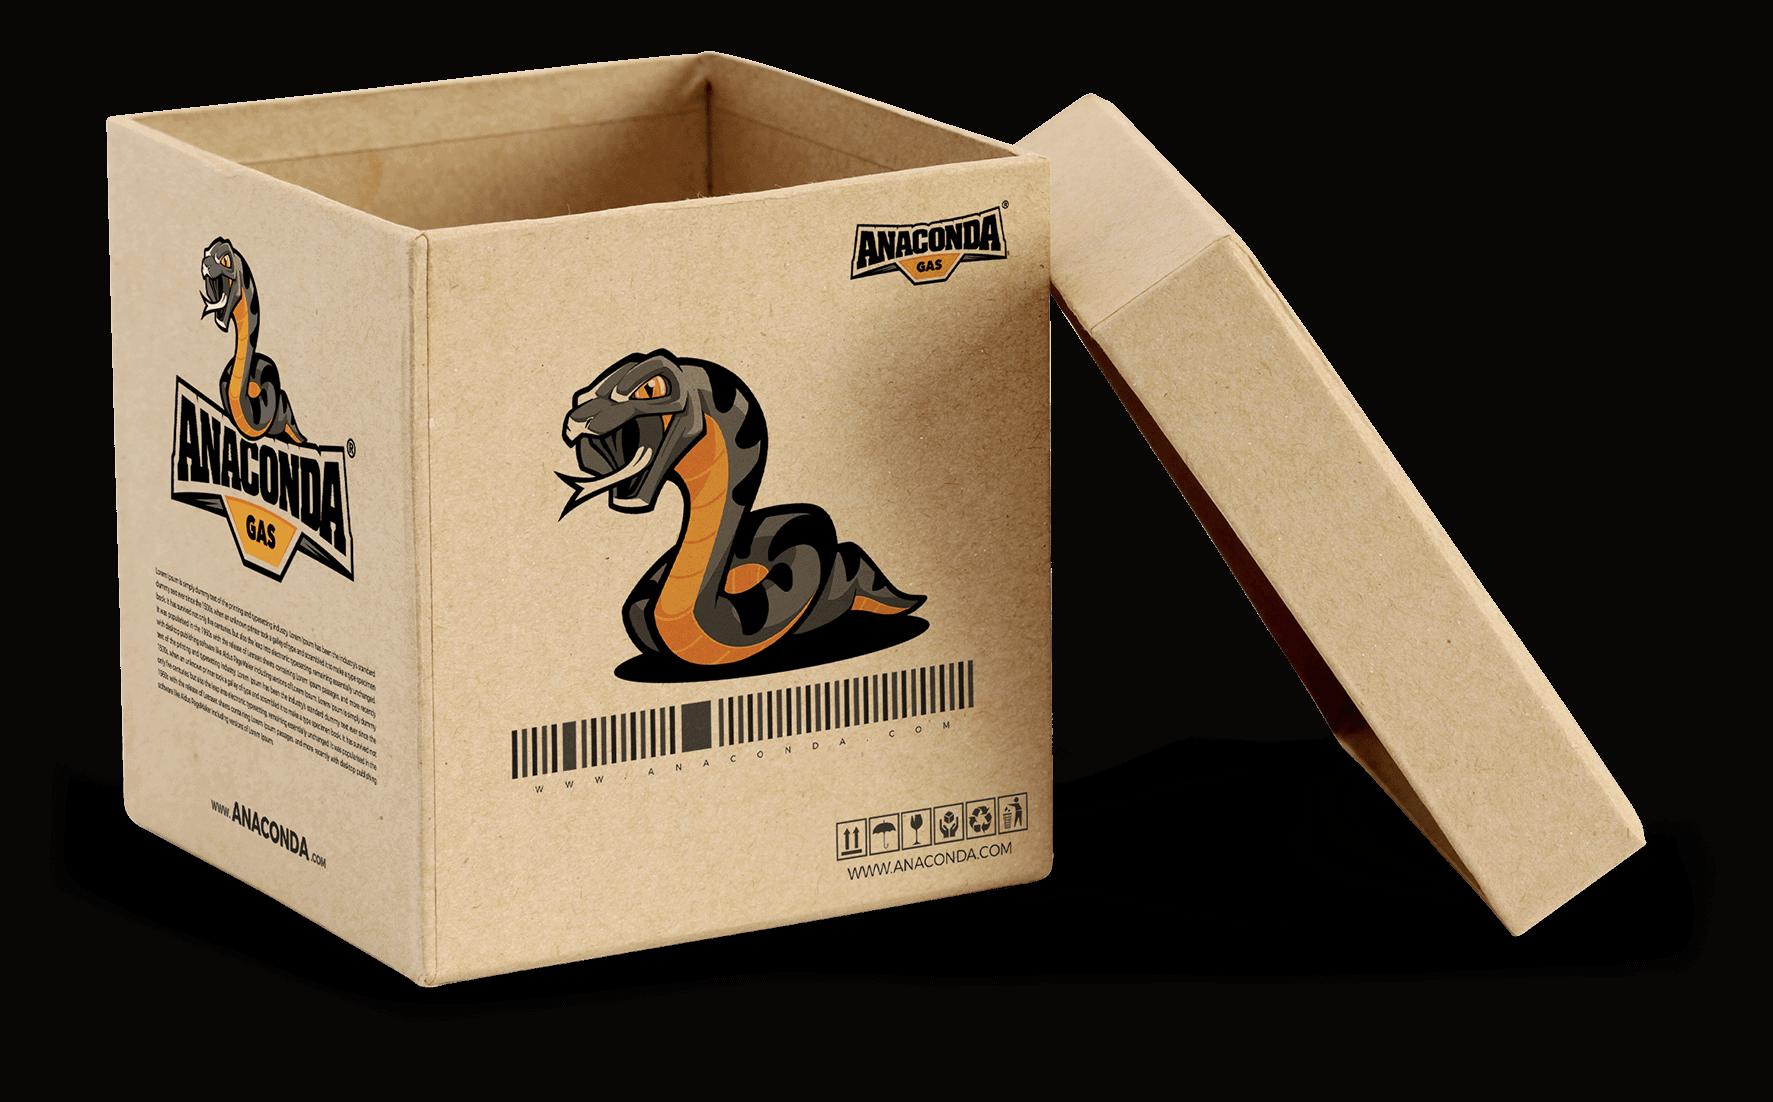 cardboard logo design